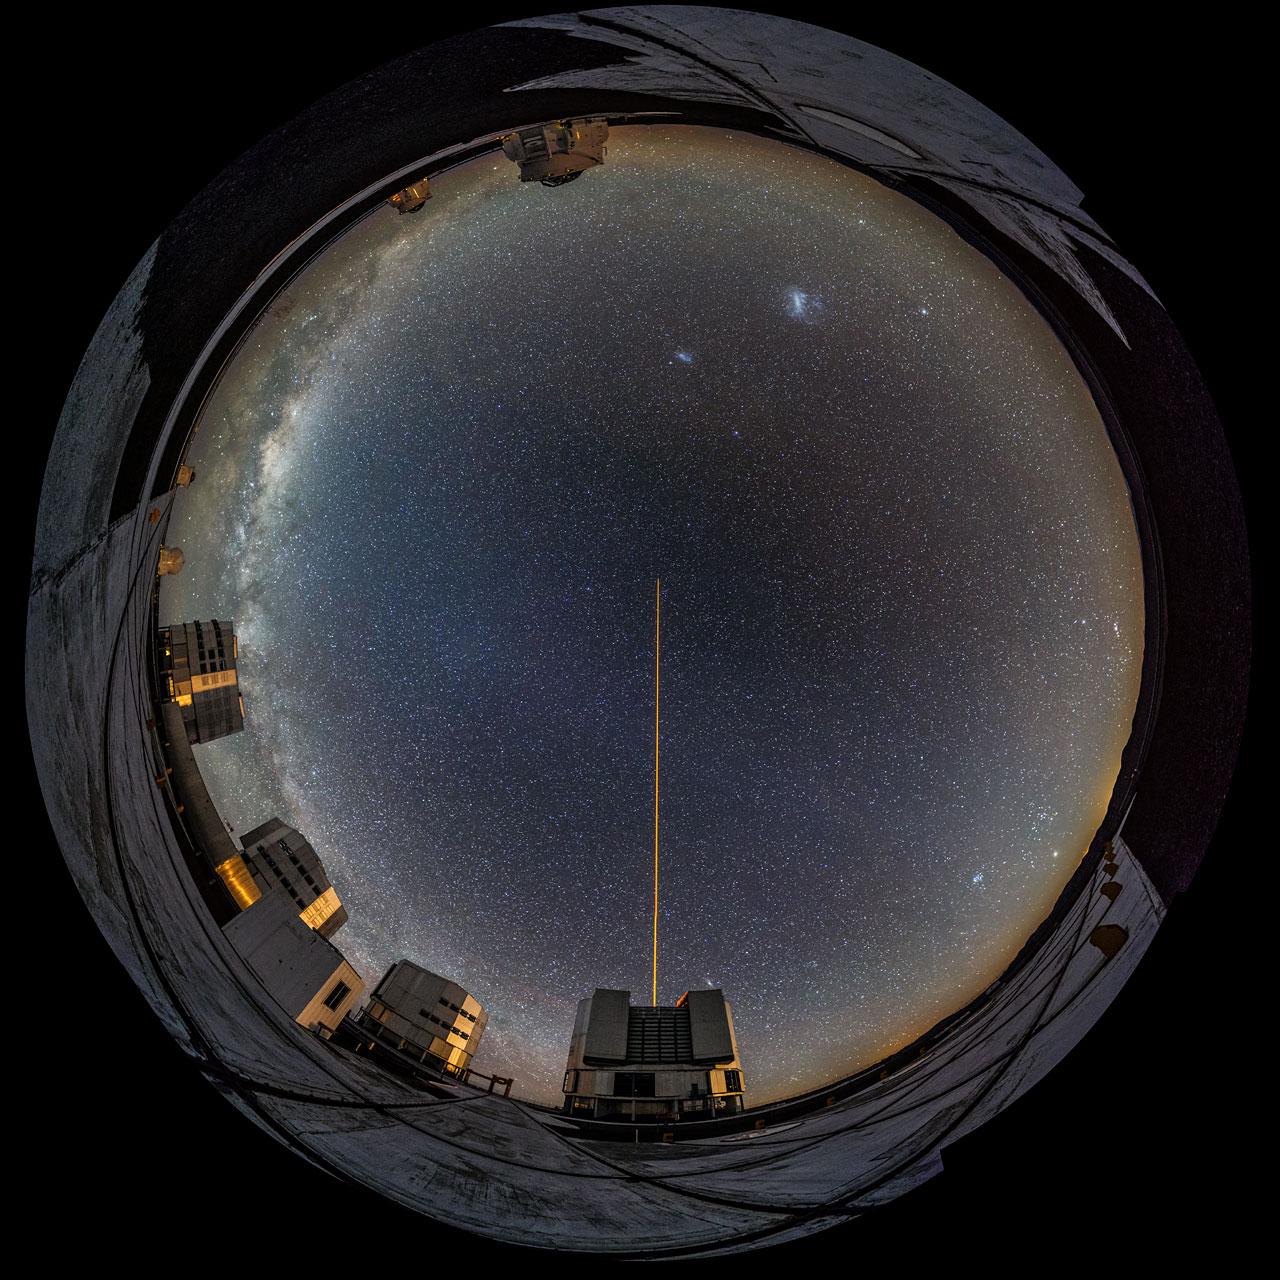 Вид с телескопа фото